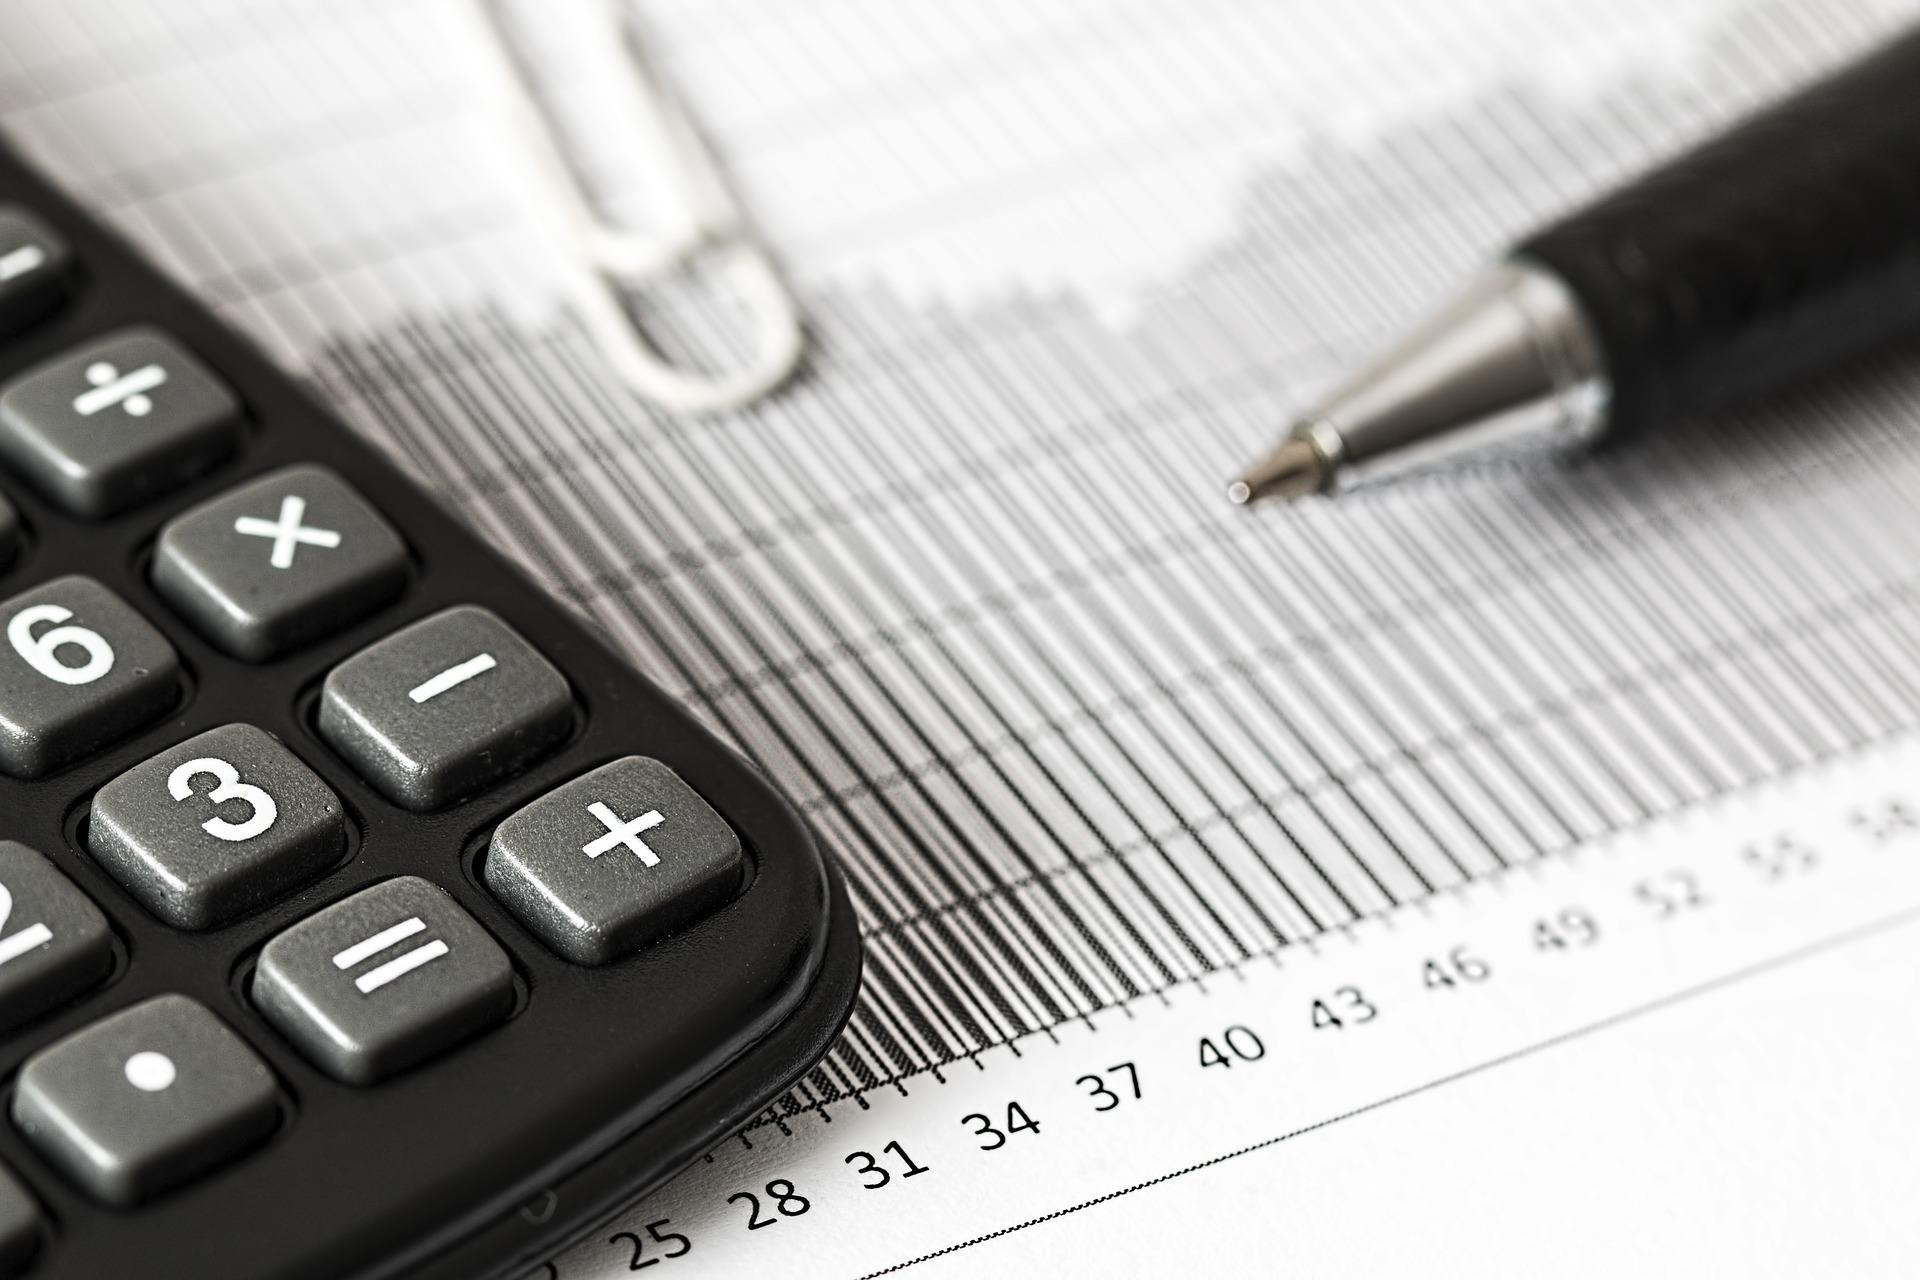 Demande de renseignement sur le dépôt de la déclaration modèle 9421 concernant l'impôt général sur le revenu